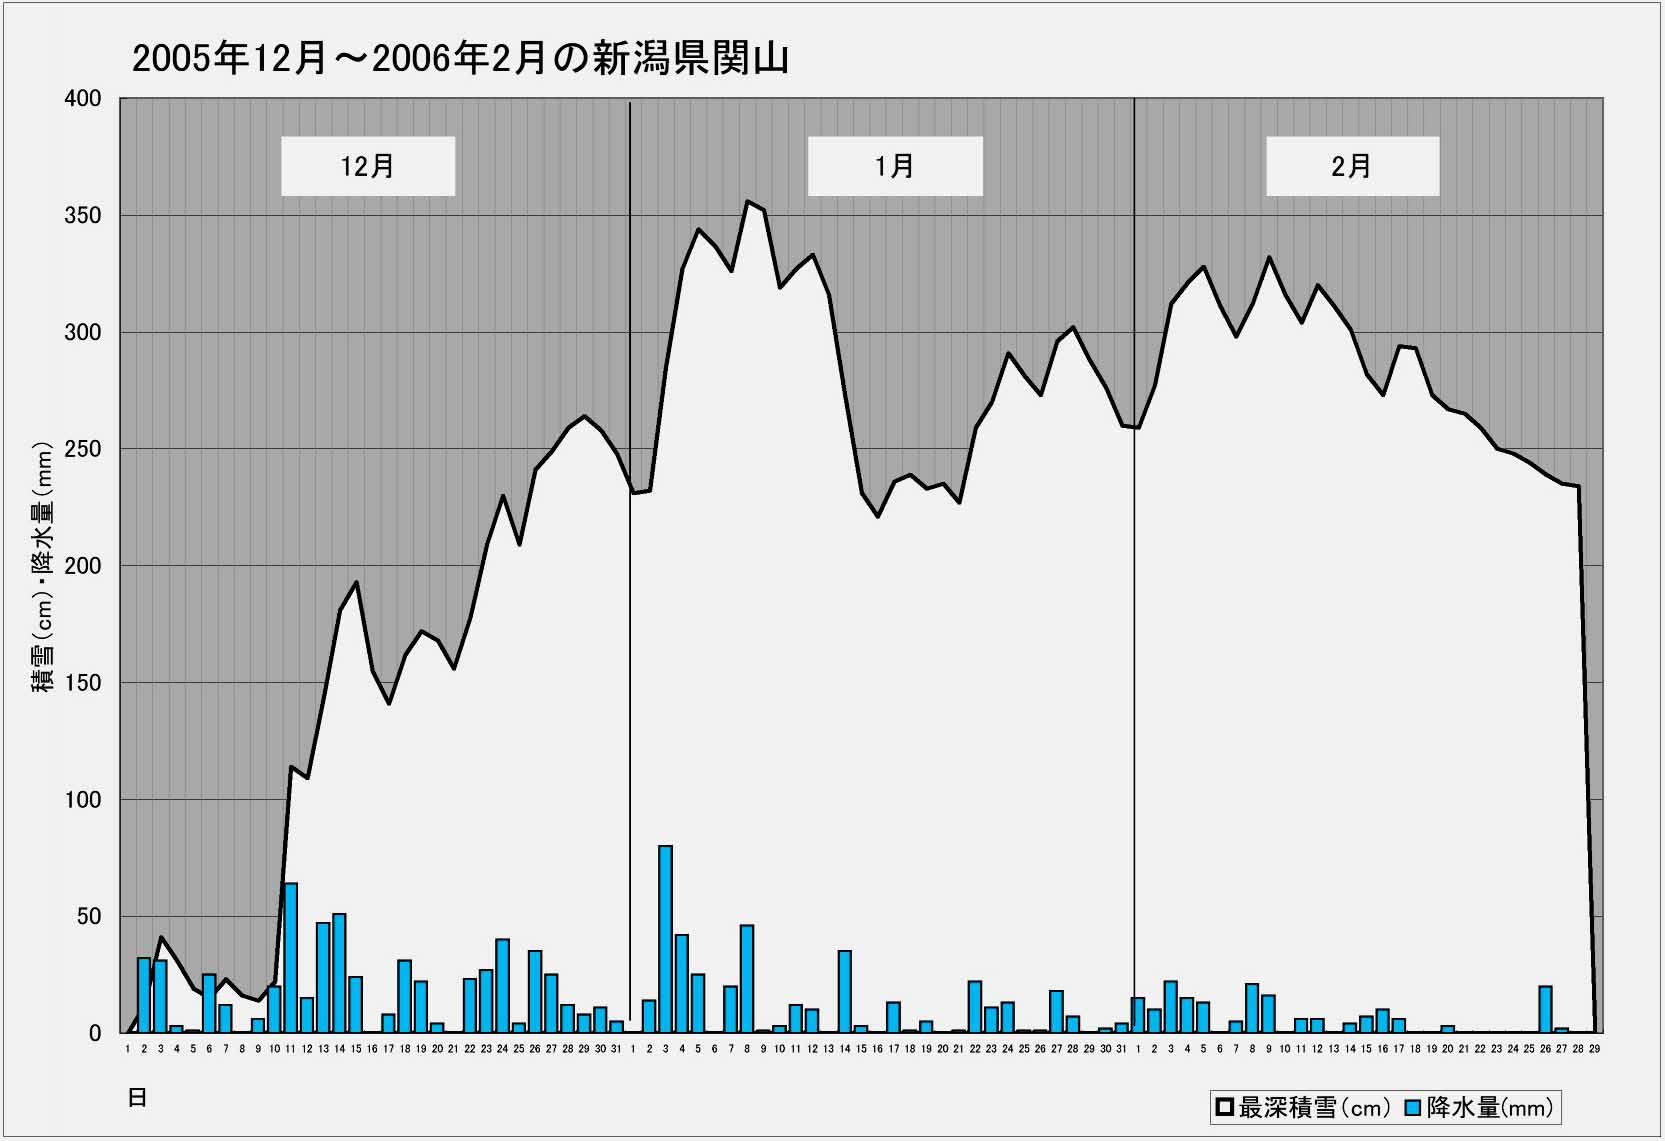 ブログ用 2005年~2006年の関山積雪等